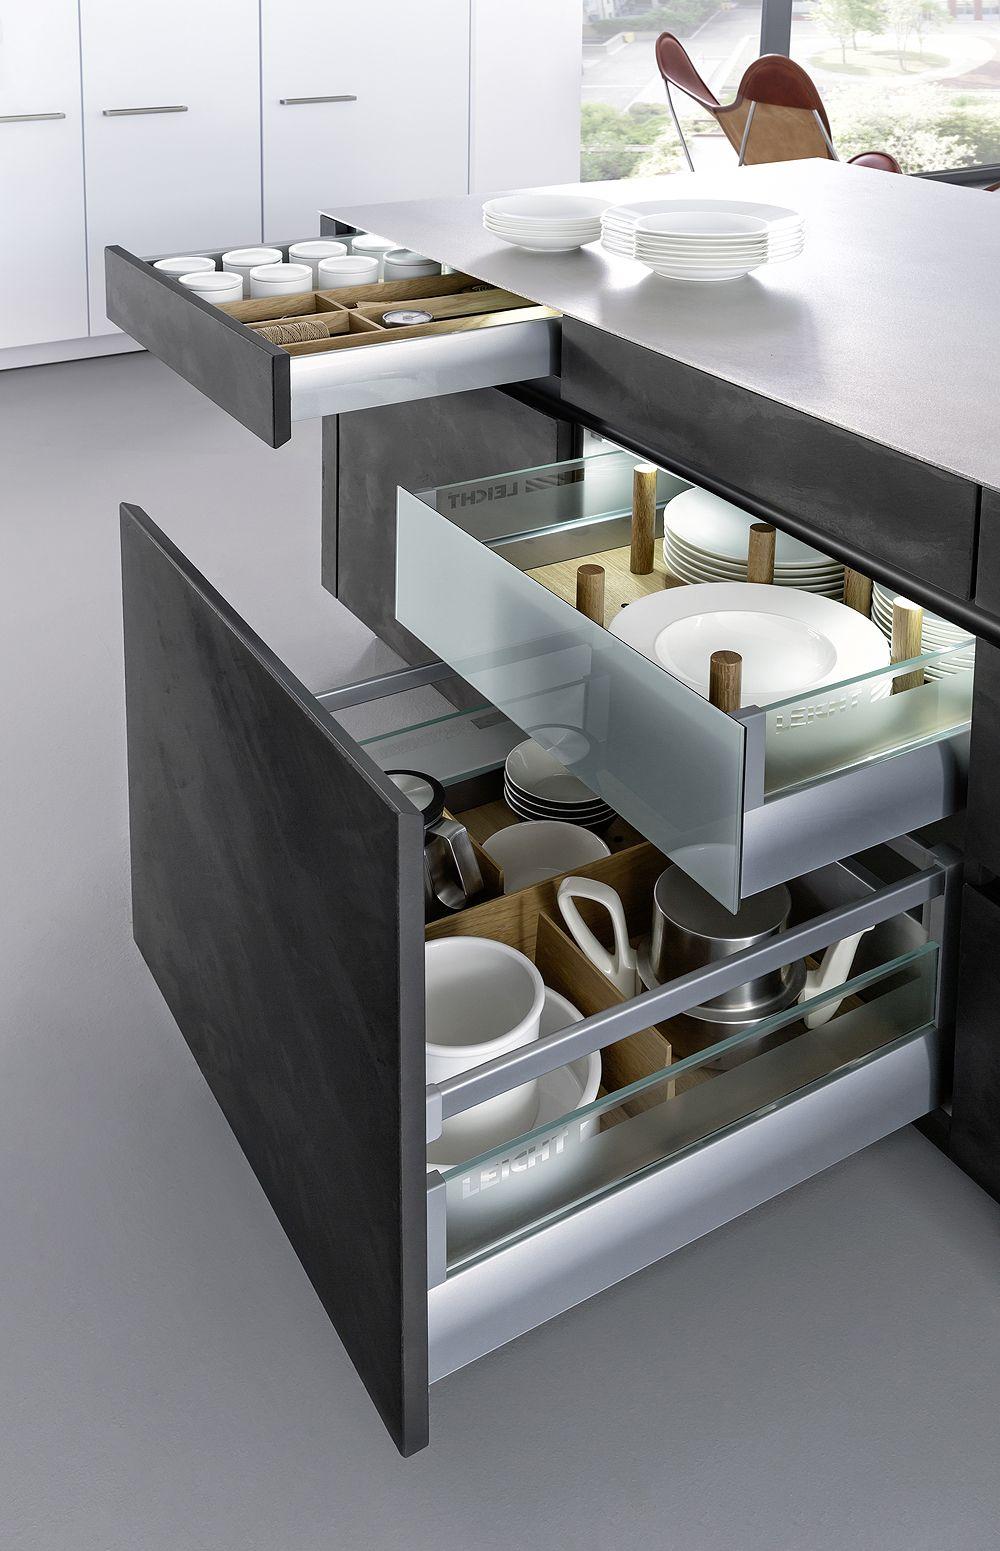 Detalle Cocina Mod Concrete De La Firma Leicht Kitchens And